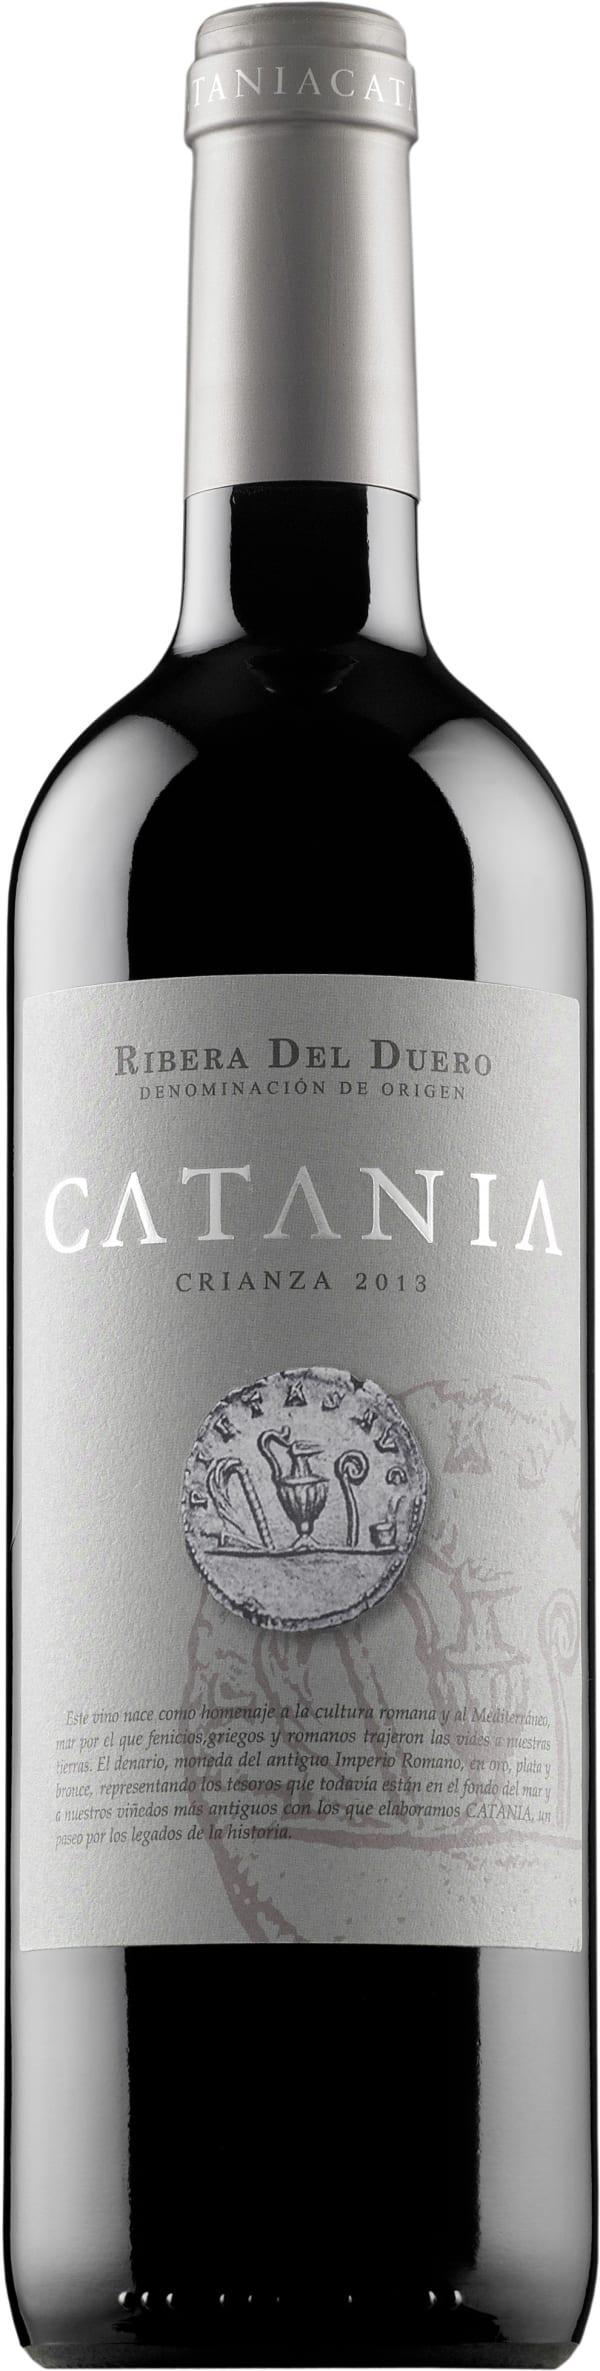 Catania Crianza 2014